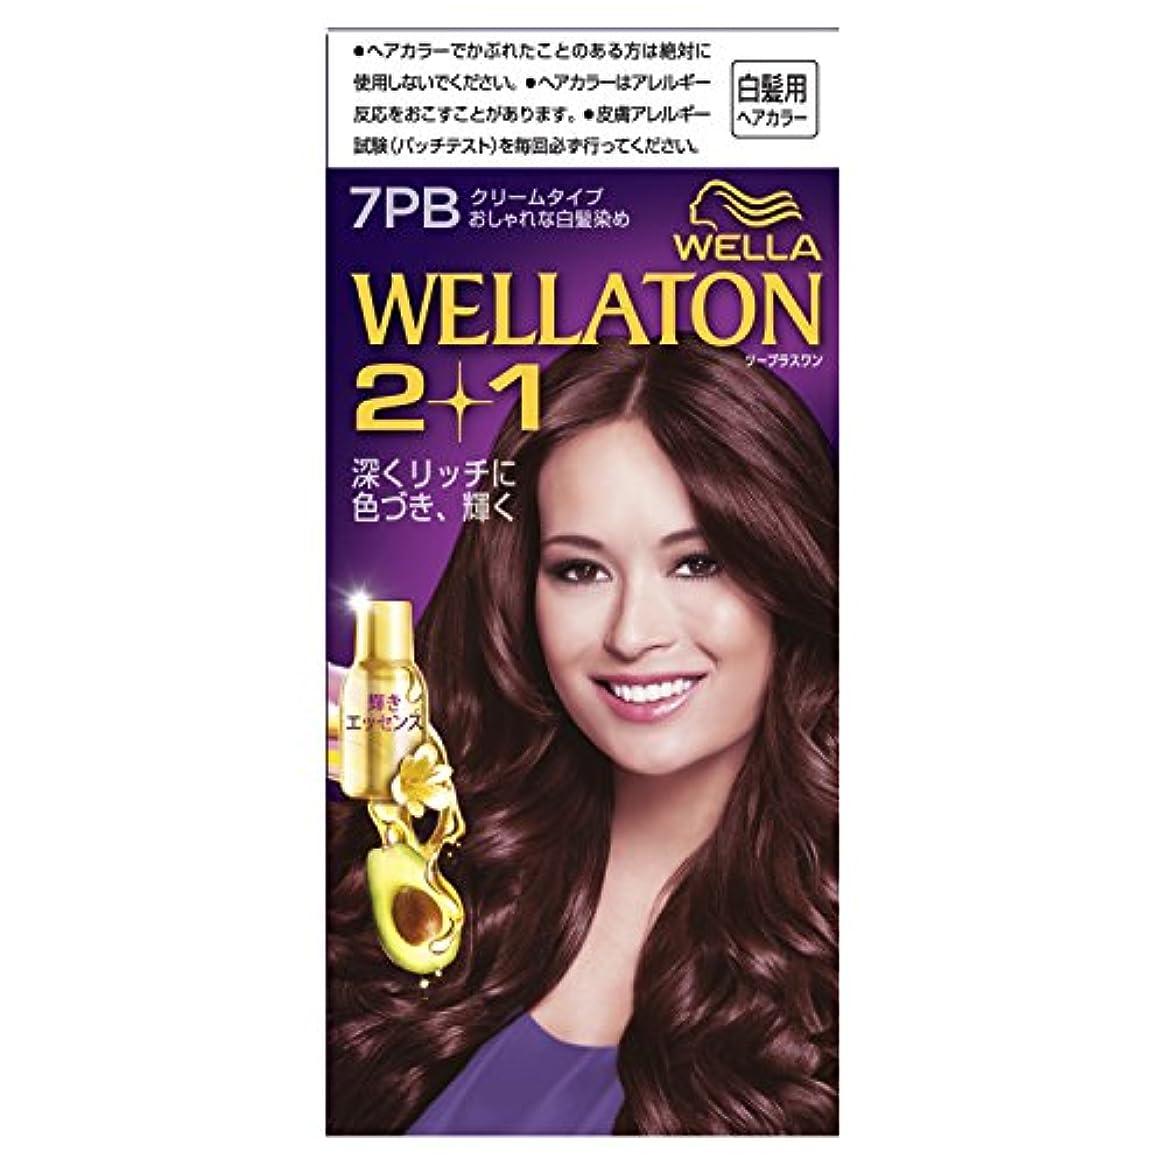 ウエラトーン2+1 クリームタイプ 7PB [医薬部外品](おしゃれな白髪染め)